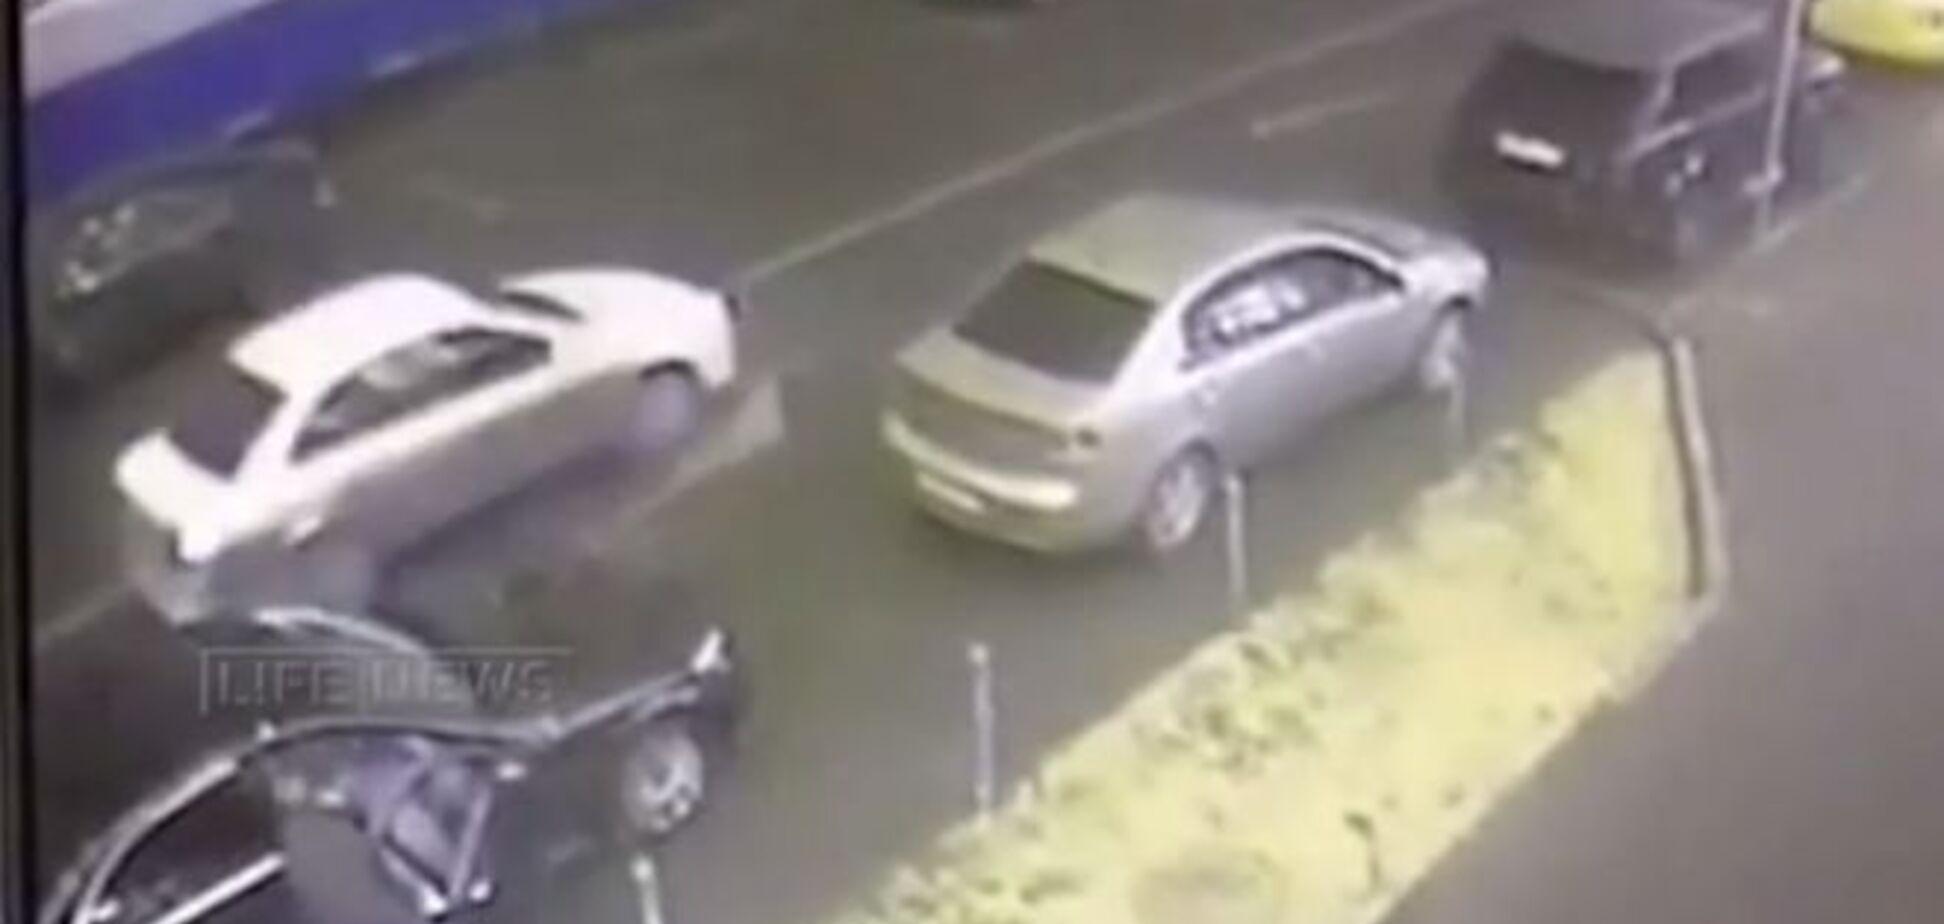 Авто предполагаемых убийц Немцова зафиксировали камеры наблюдения. Видео